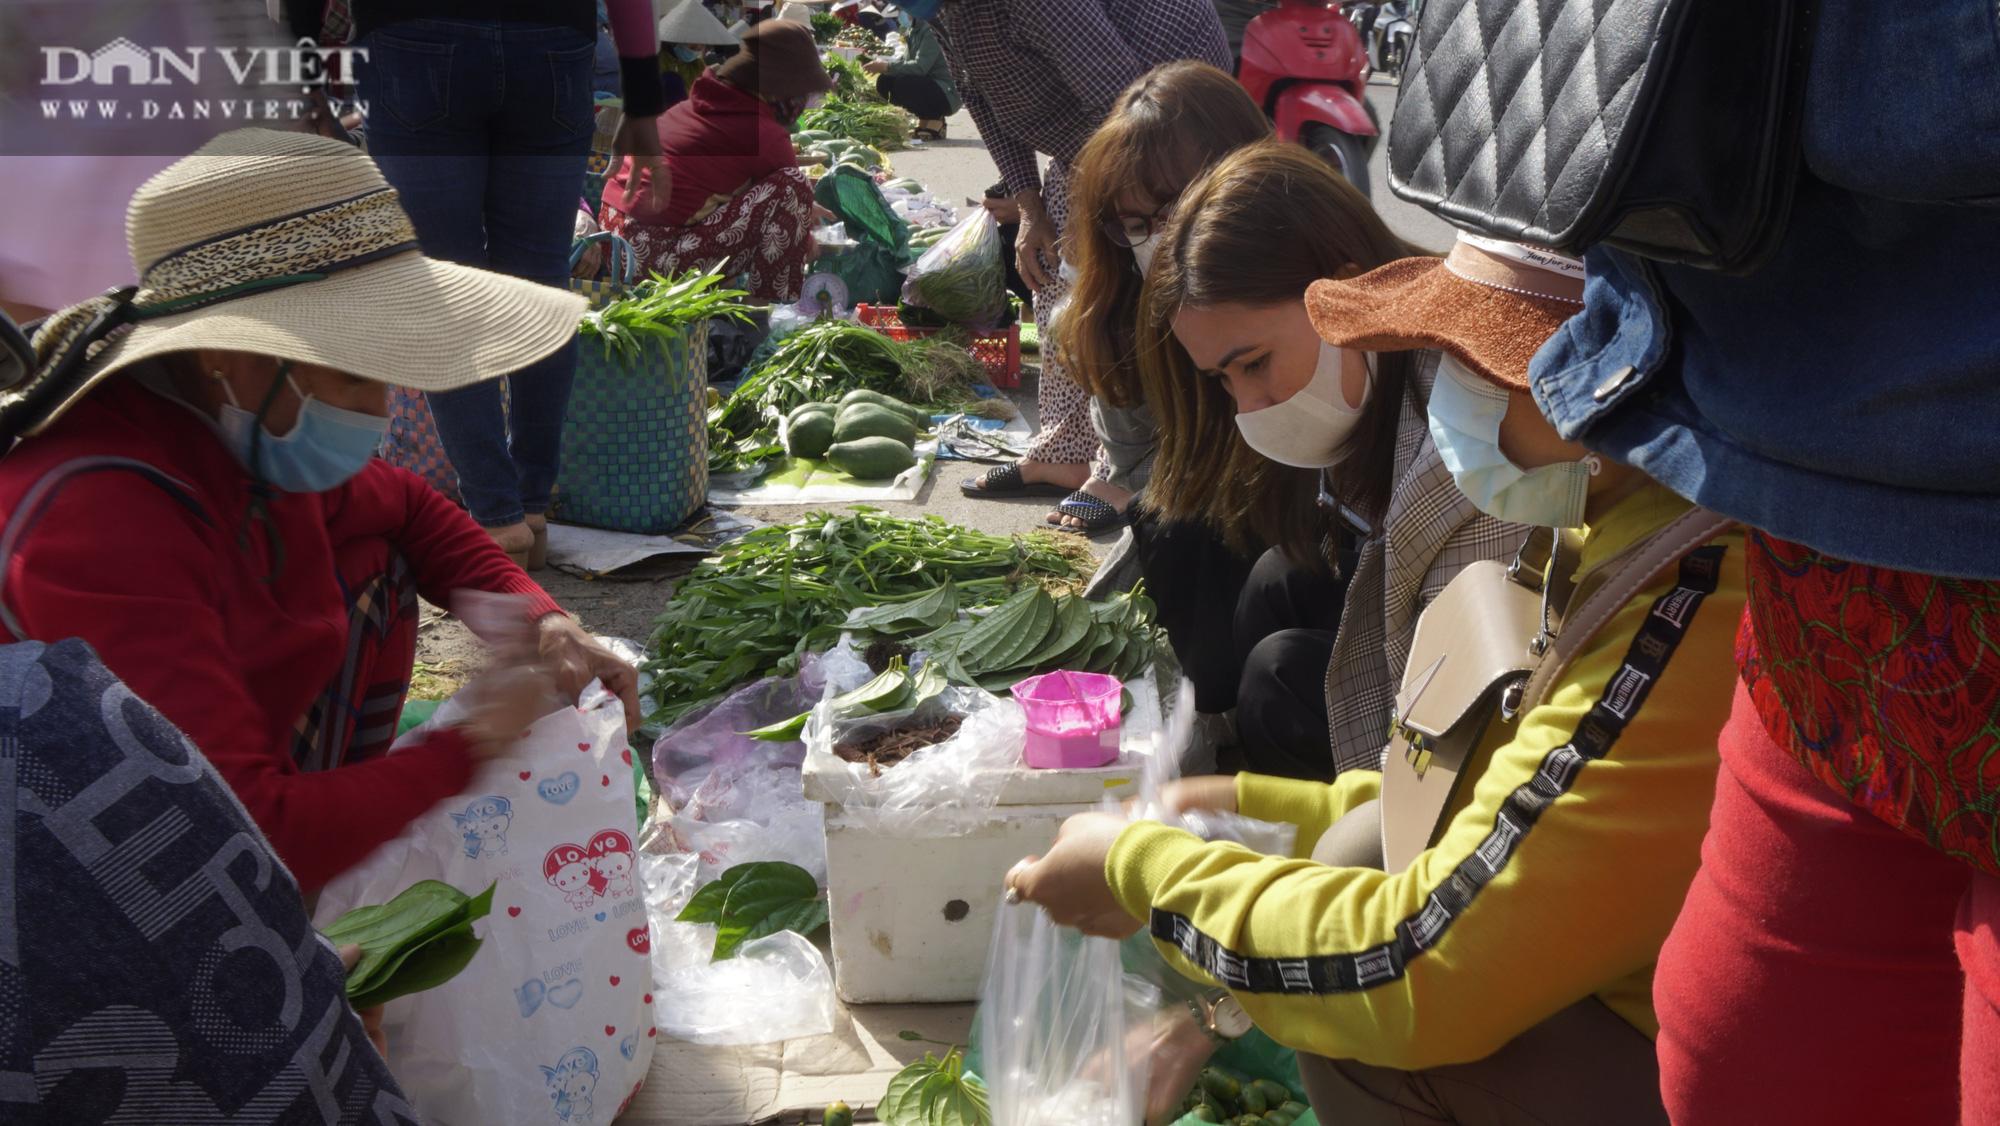 """Phiên chợ """"hiếm thấy"""" ít người biết ở Bình Định, mỗi năm chỉ họp duy nhất 1 lần - Ảnh 5."""